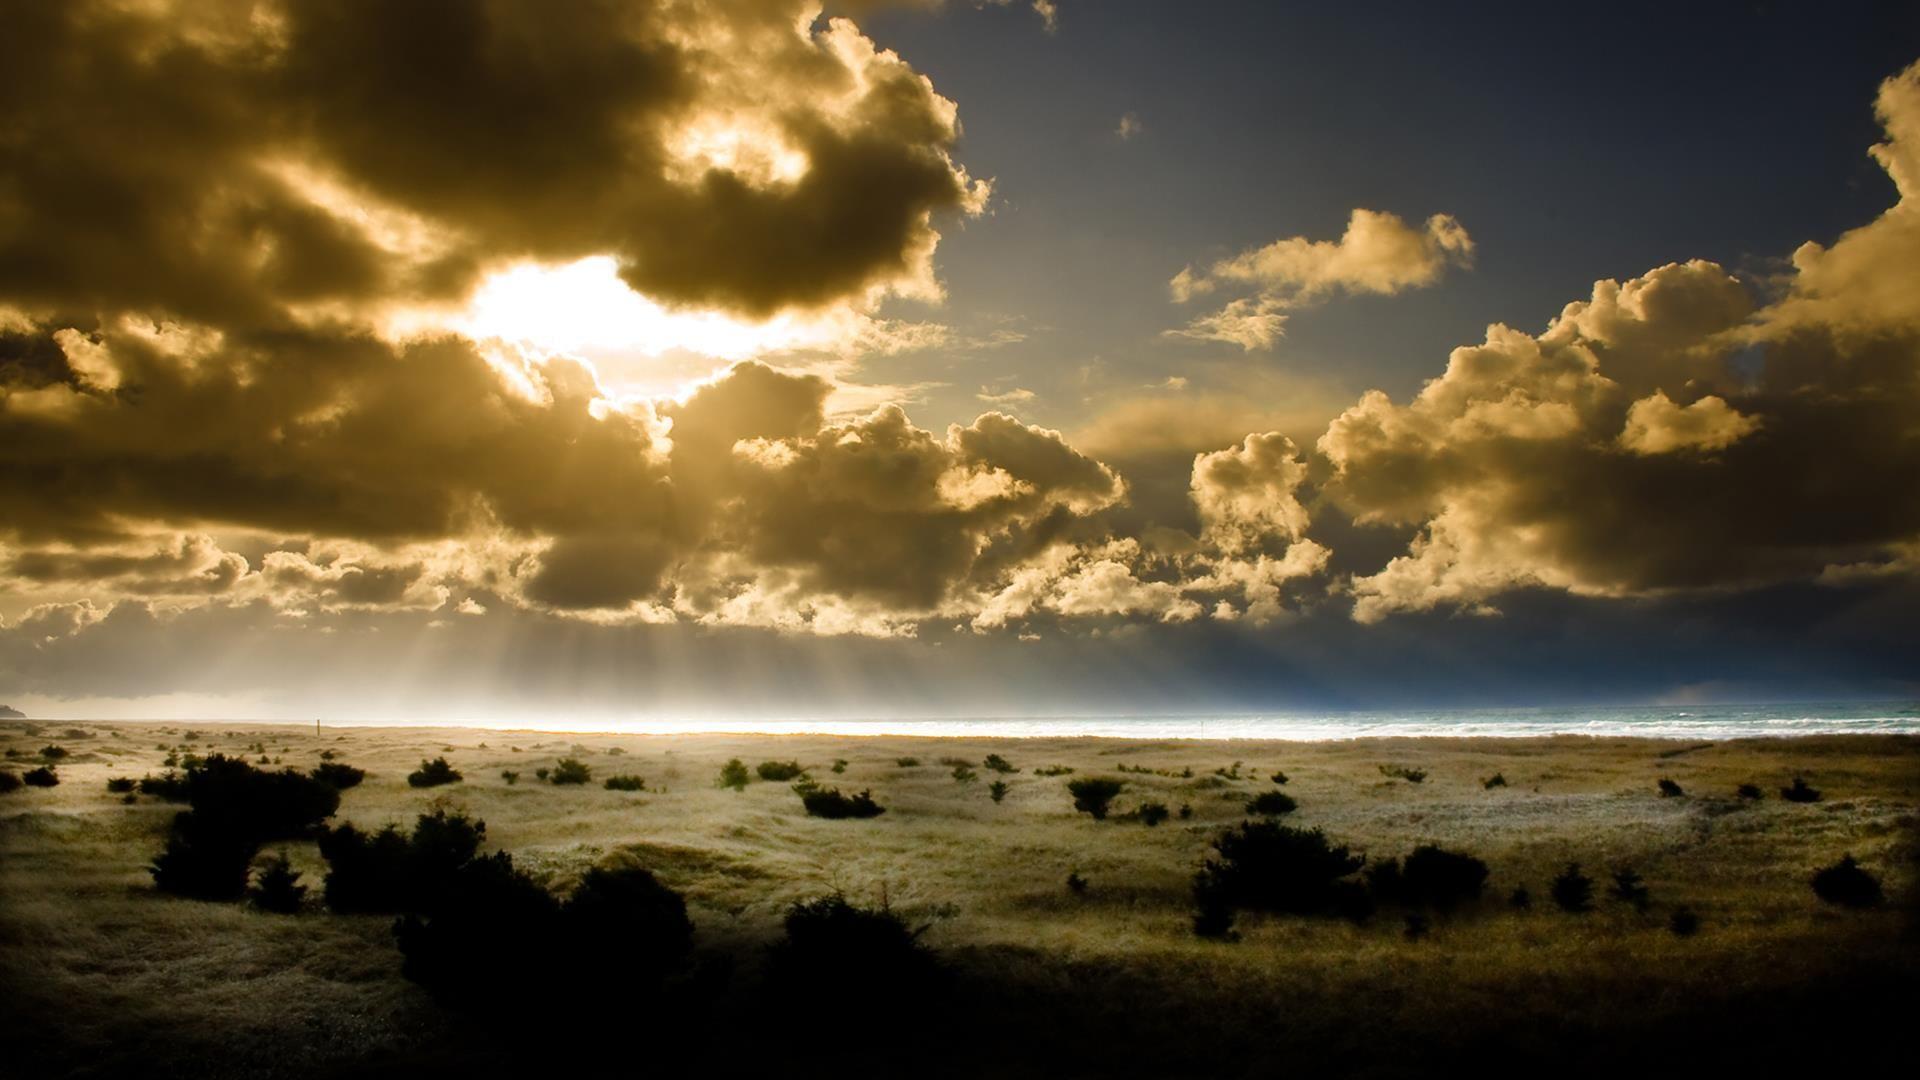 Fonds D Ecran Hd Paysages Soleil Paysage Soleil Nuage Papier Peint Coucher De Soleil